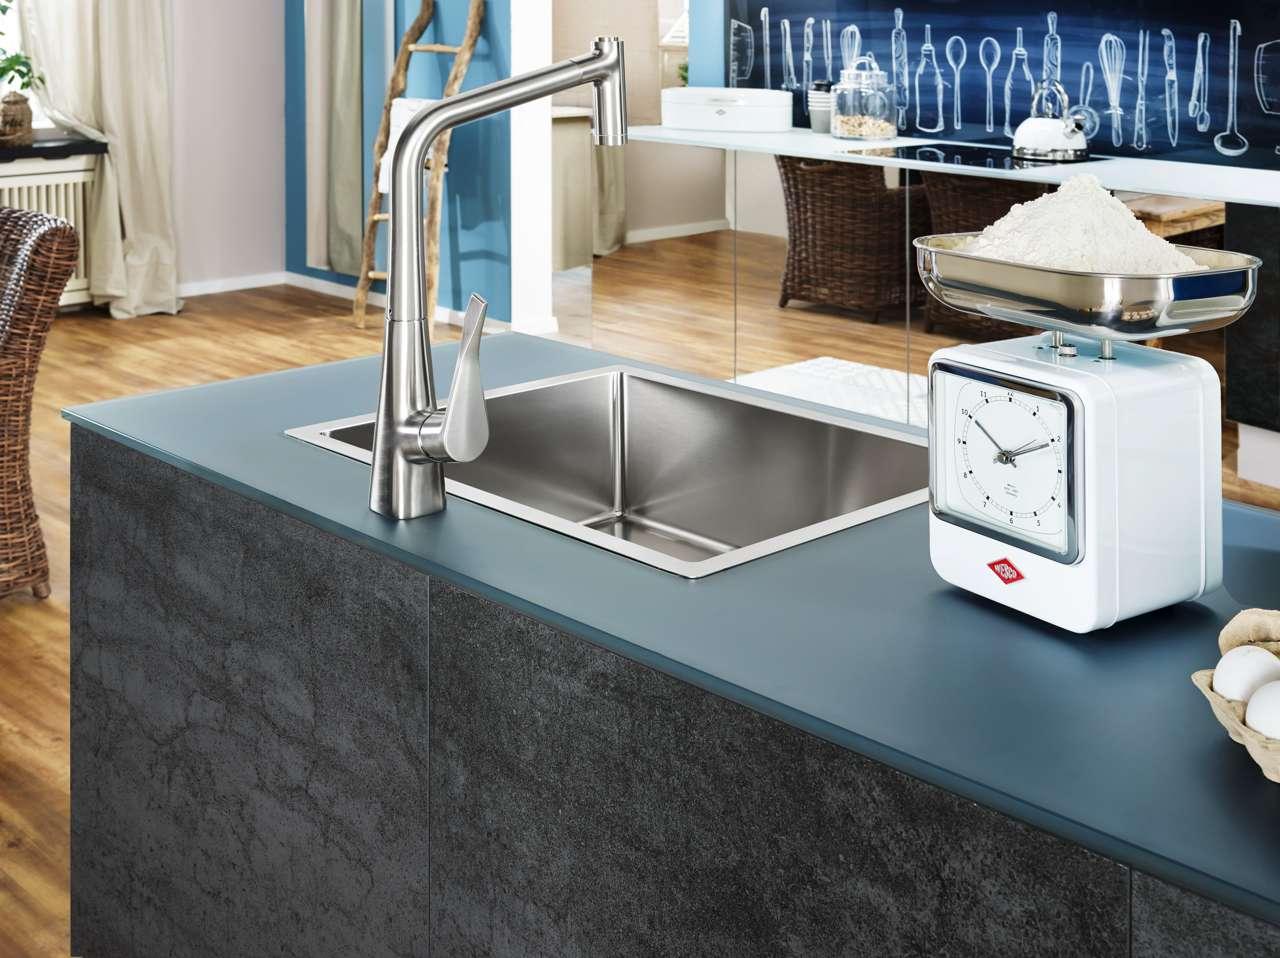 Glas-Highlights für die Küche | Küchen Journal